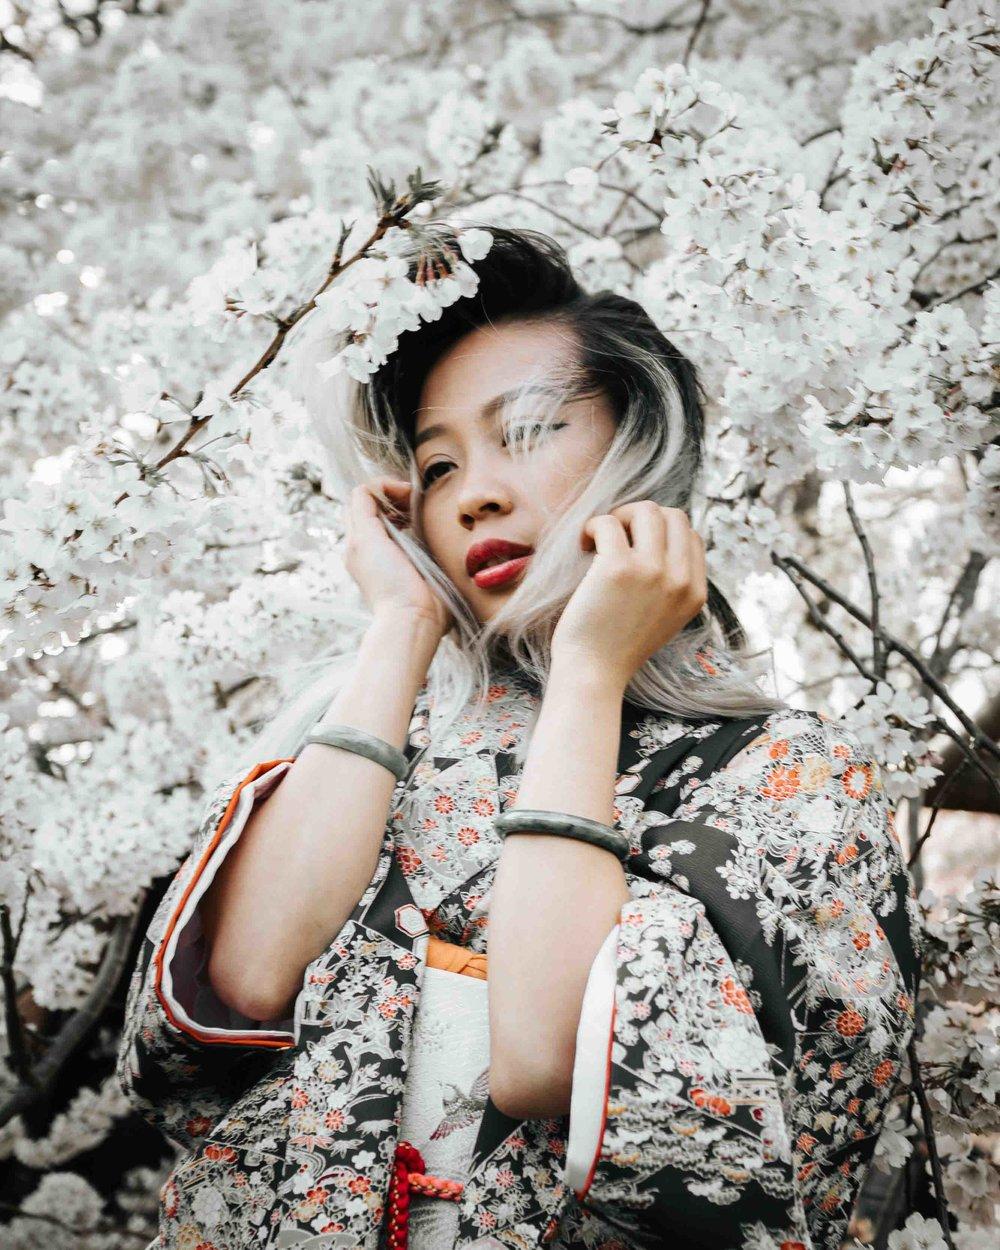 Asain Flower Portrait.jpg